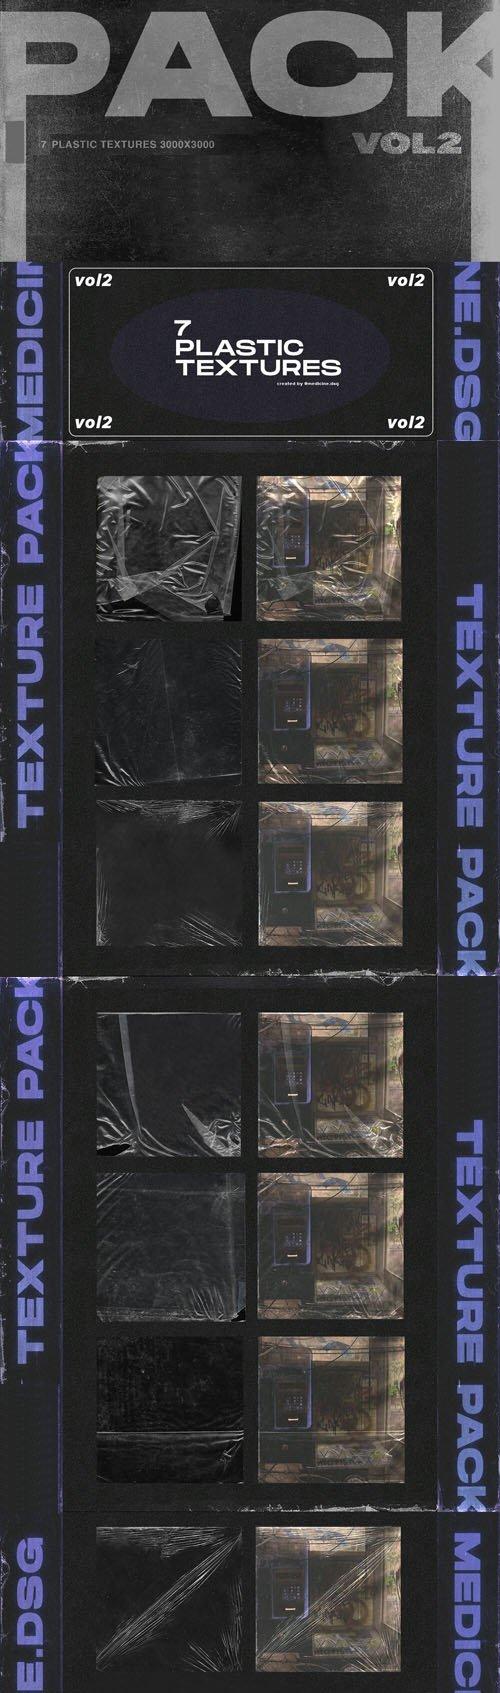 Plastic Textures PSD Templates Vol.2